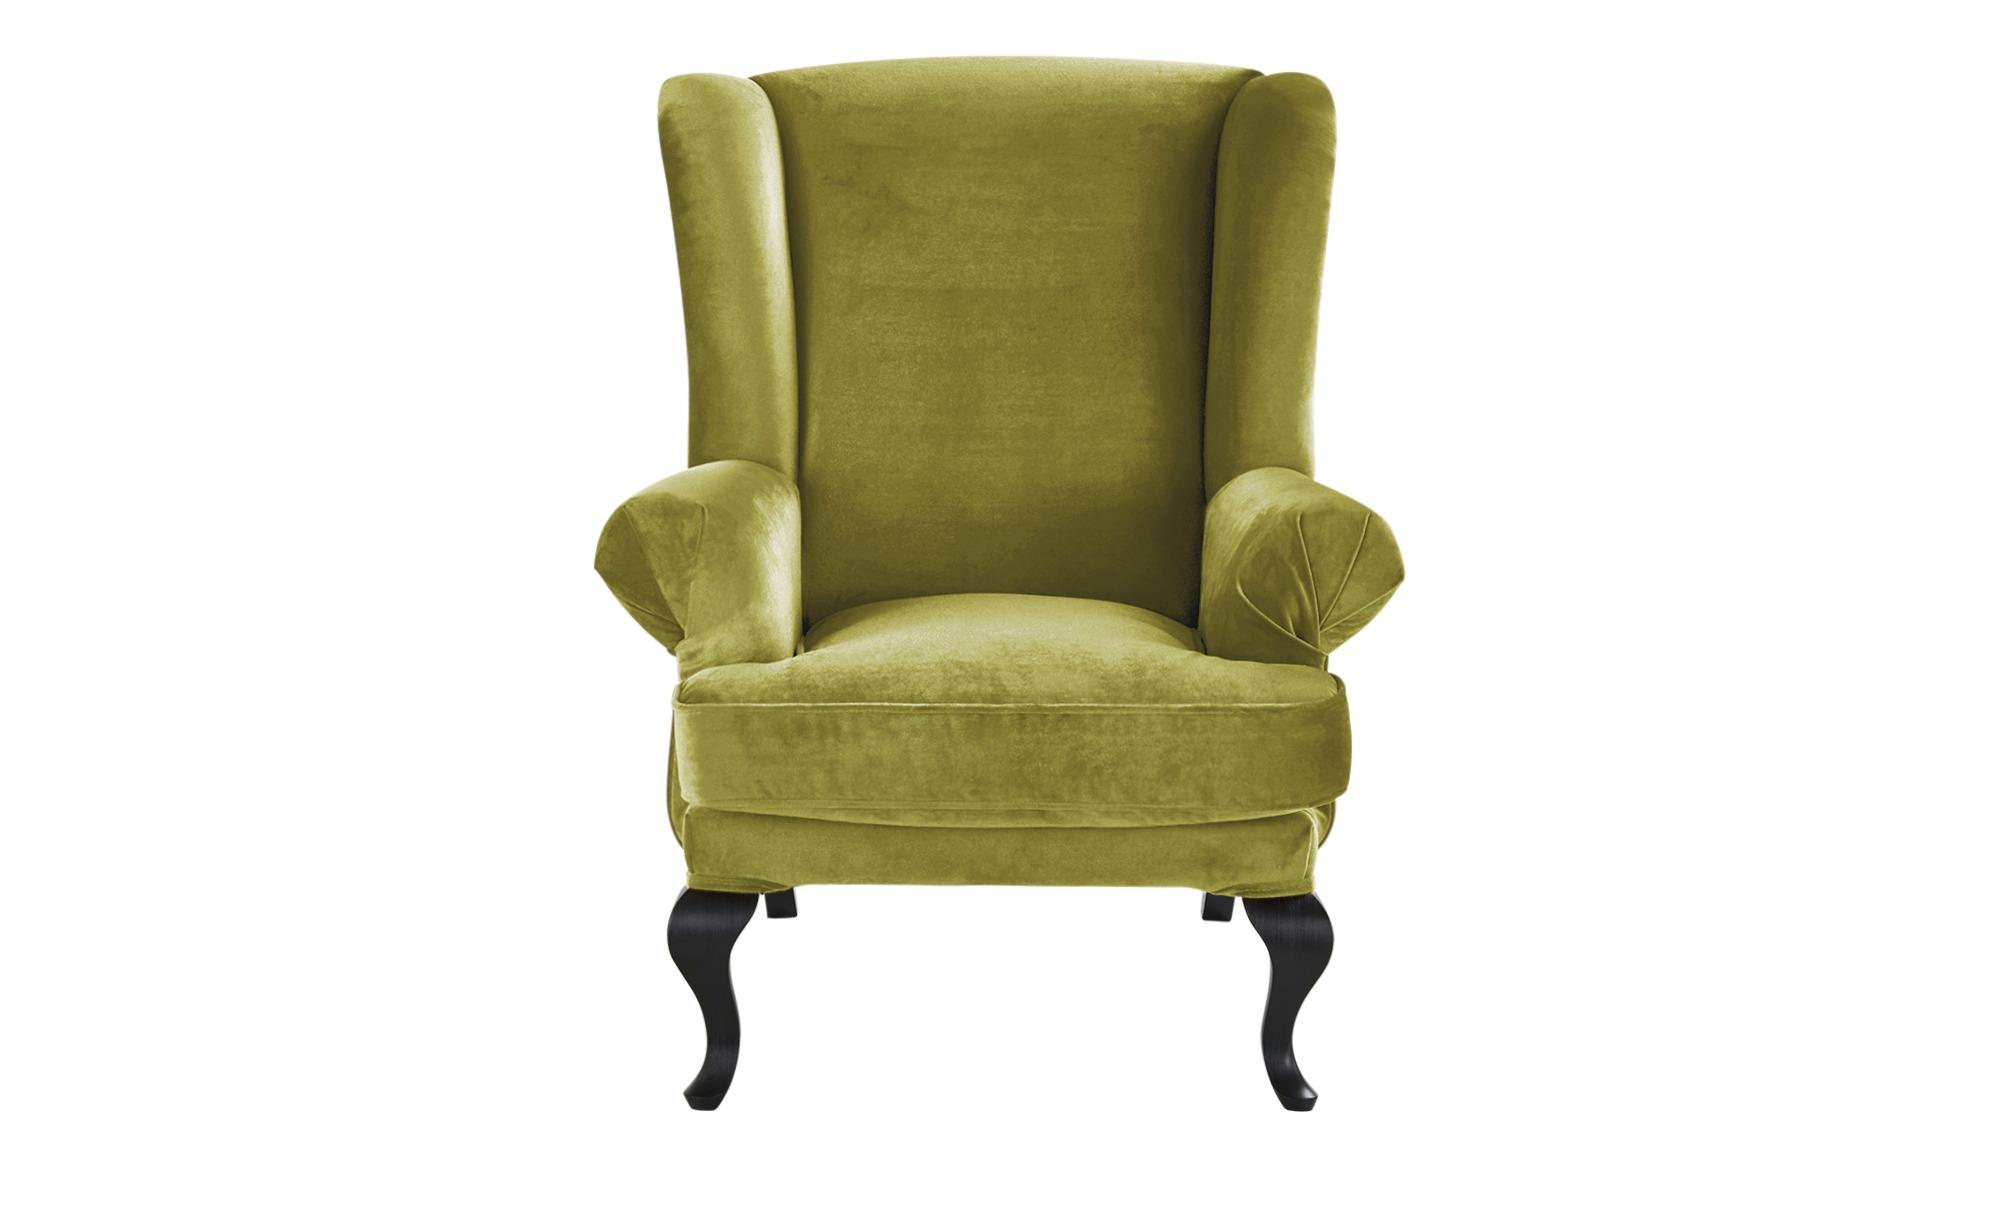 smart Ohrensessel grün - Stoff Charmaine ¦ grün ¦ Maße (cm): B: 84 H: 98 T: 85 Polstermöbel > Sessel > Ohrensessel - Höffner